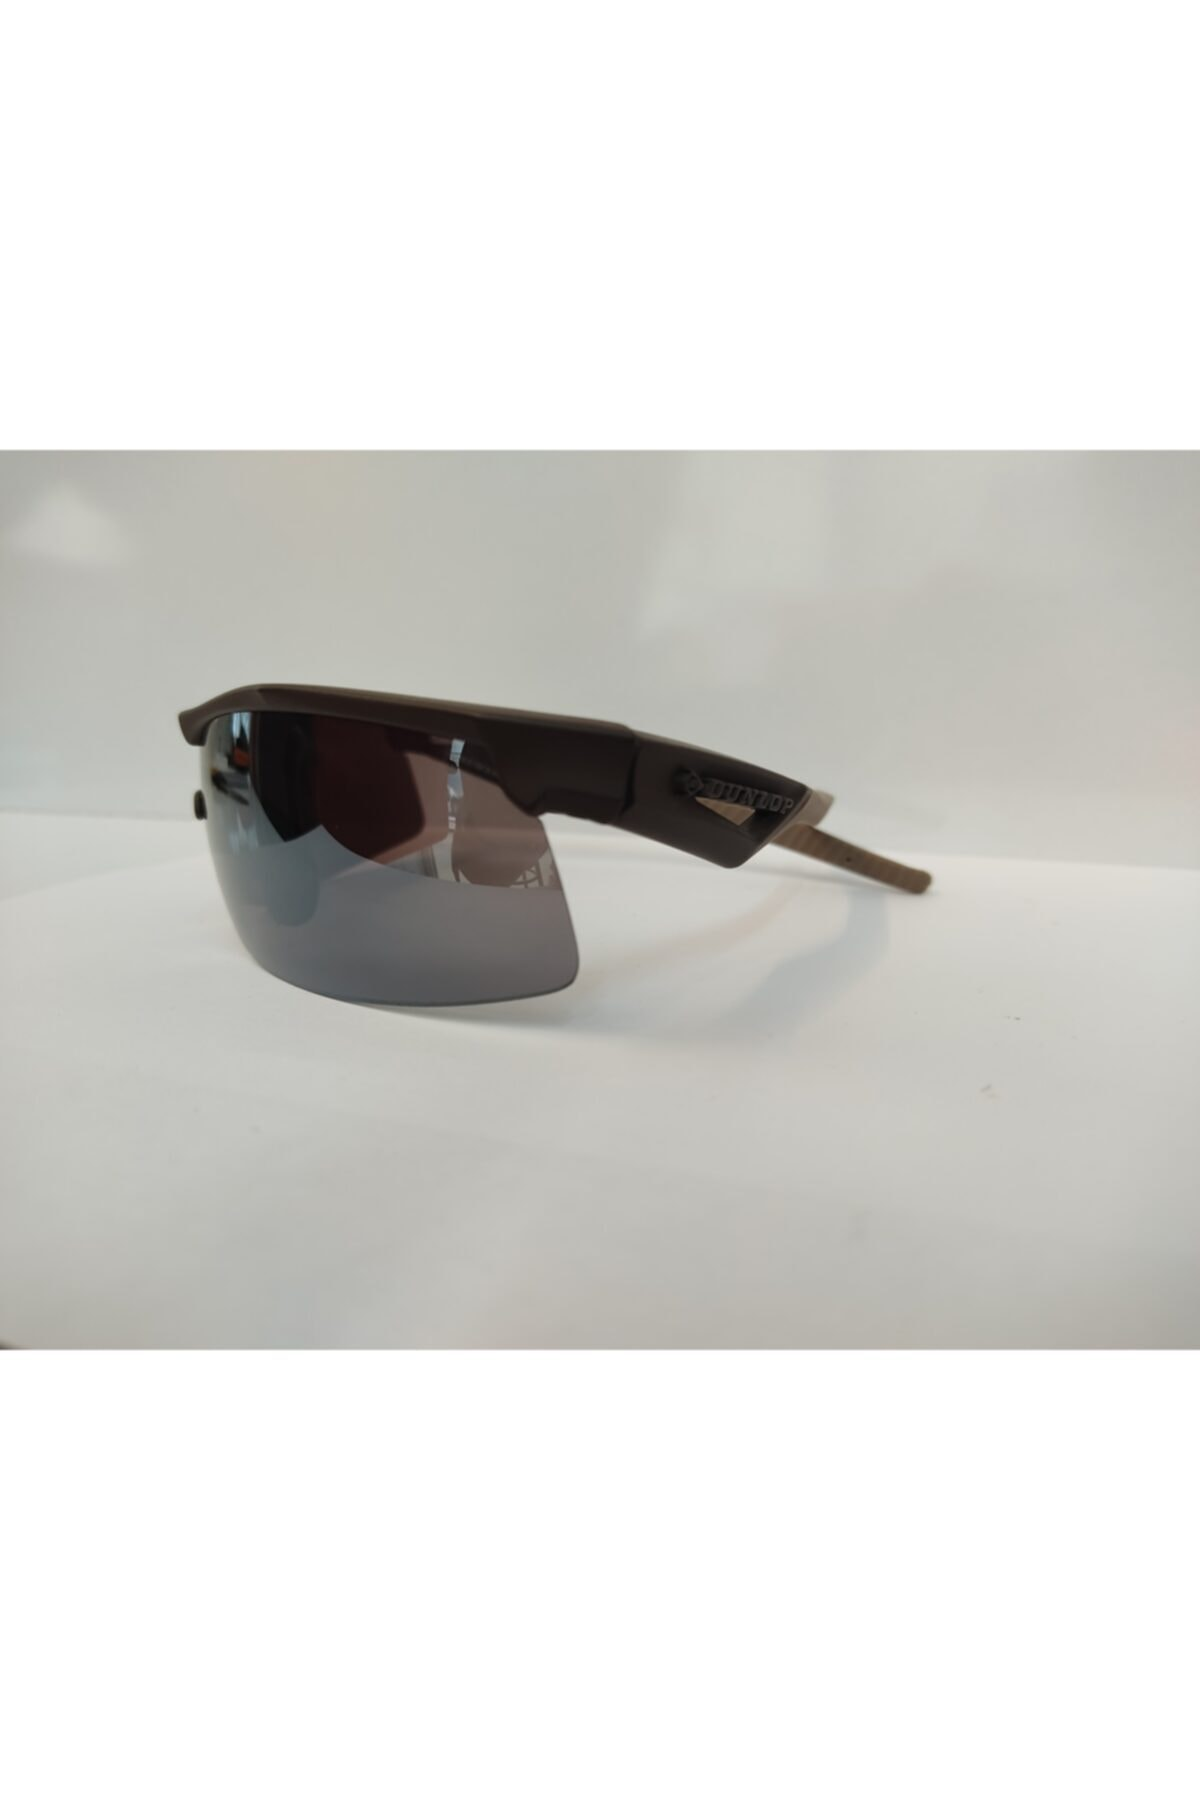 DUNLOP 3357 C4 Güneş Gözlüğü 2